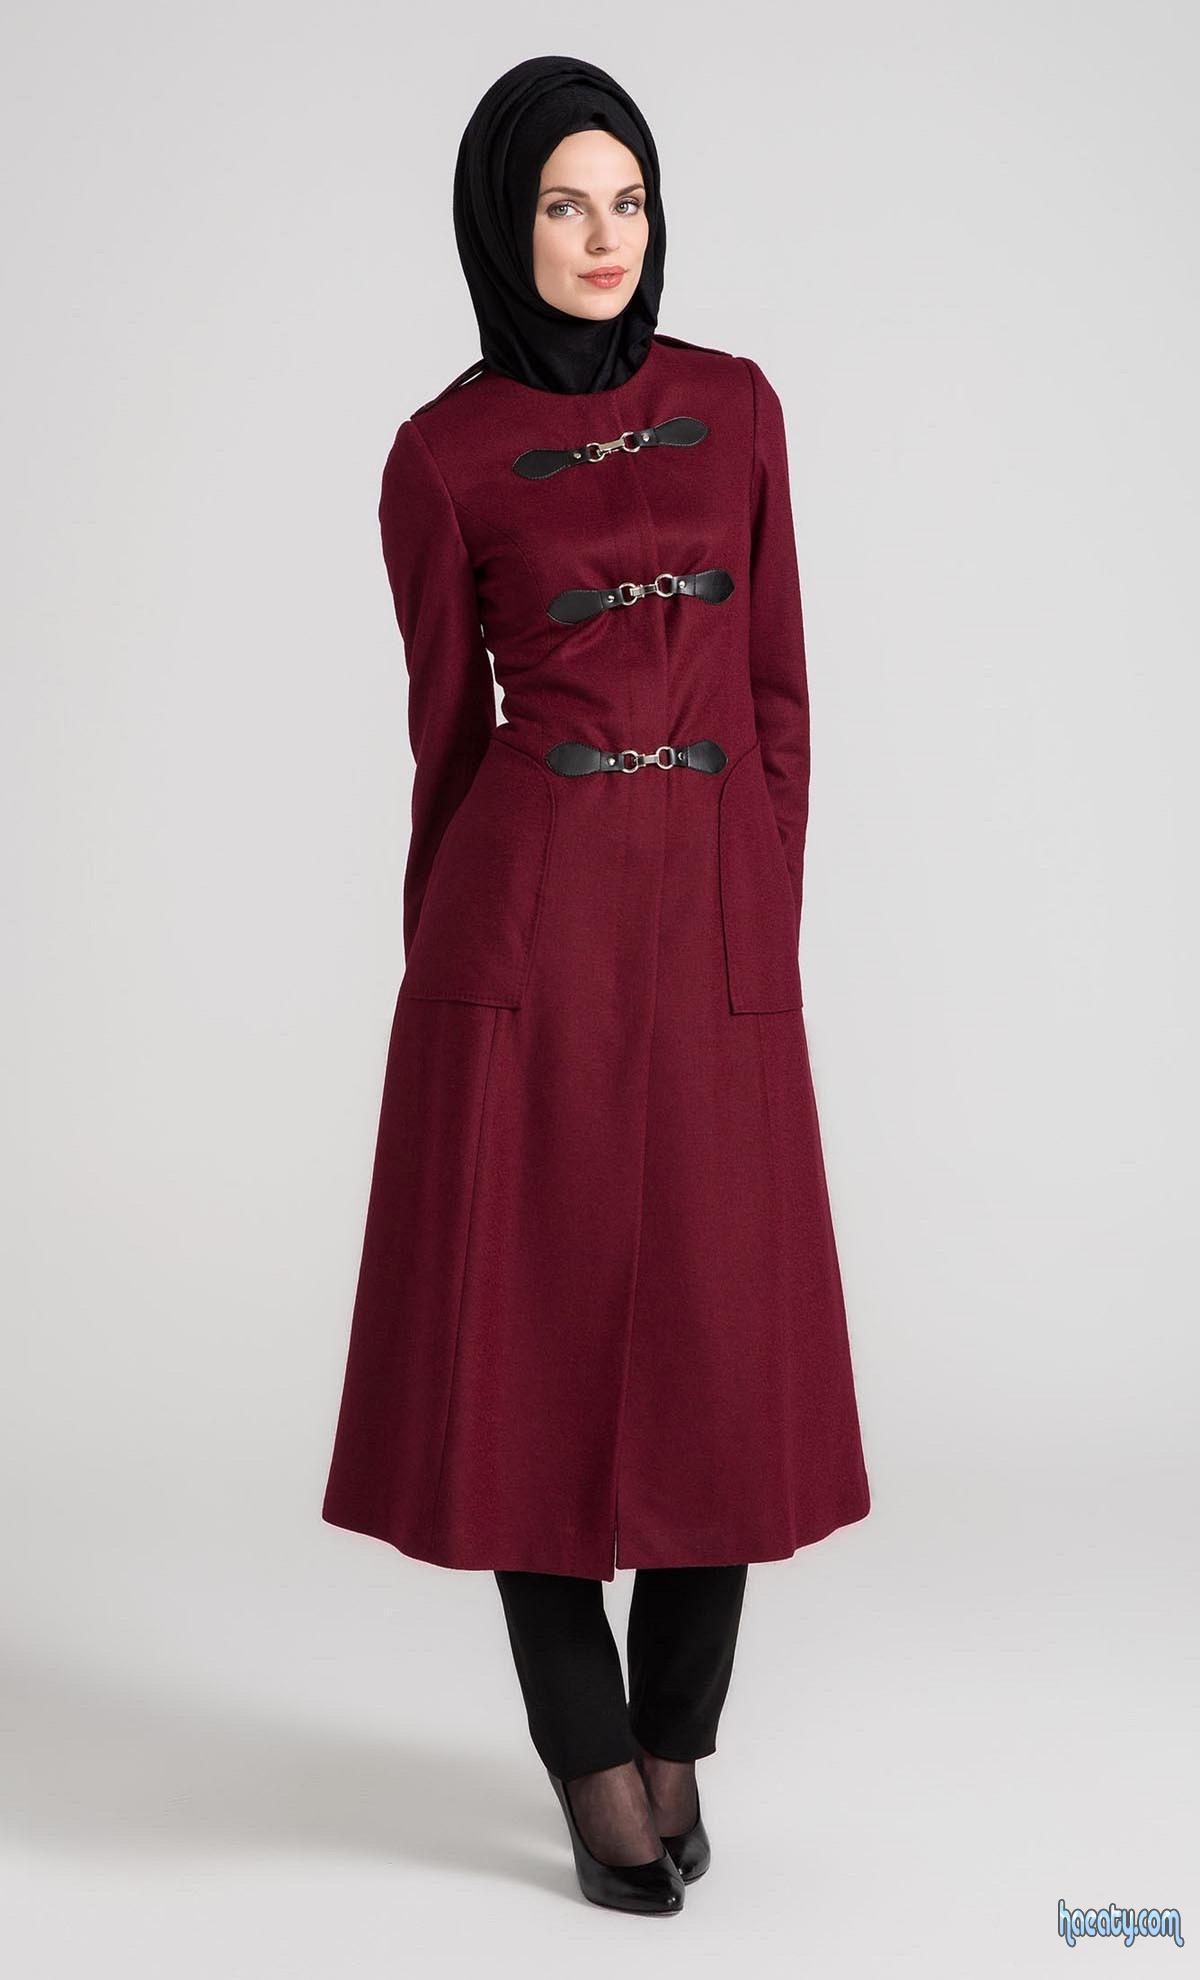 2016 المحجبات fashion tugba&venn 1446208838251.jpg